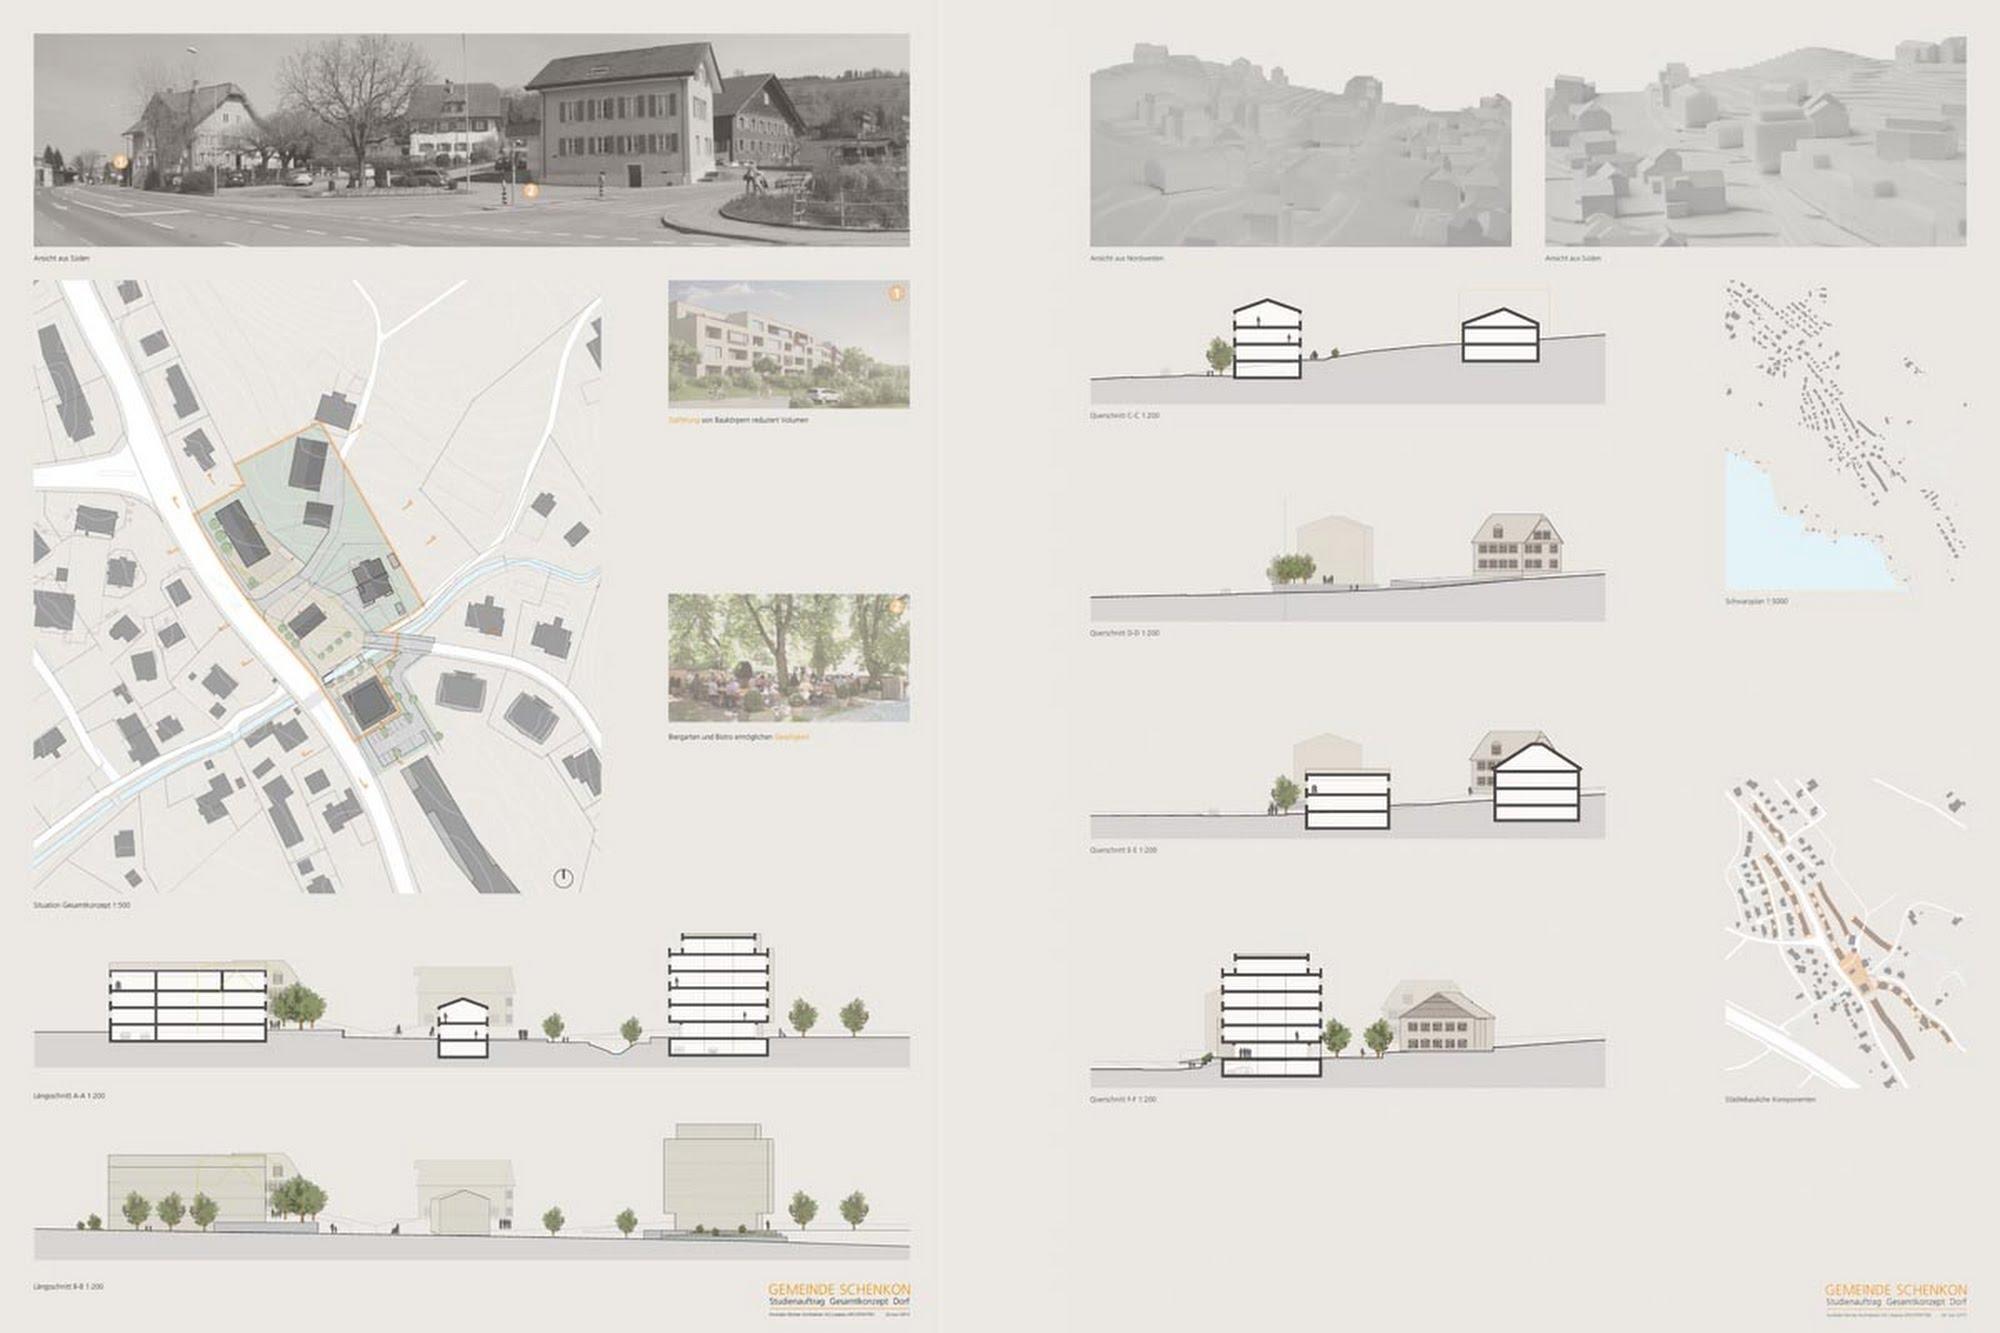 Öffentlich,Wohnen MFH 1.Preis Wettbewerb Gesamtkonzept Dorf Schenkon Architektur,Wohnungsbau,Wohnhäuser,Einfamilienhäuser,Mehrfamilienhäuser